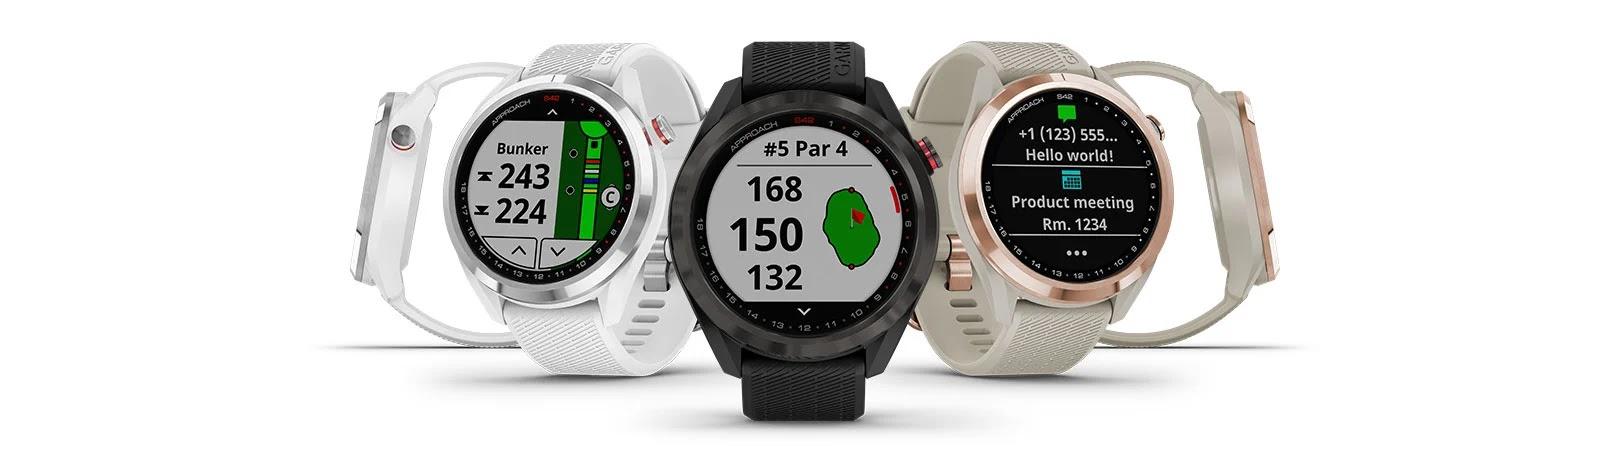 Oltre 42.000 campi precaricati sui nuovi smartwatch da Golf Garmin